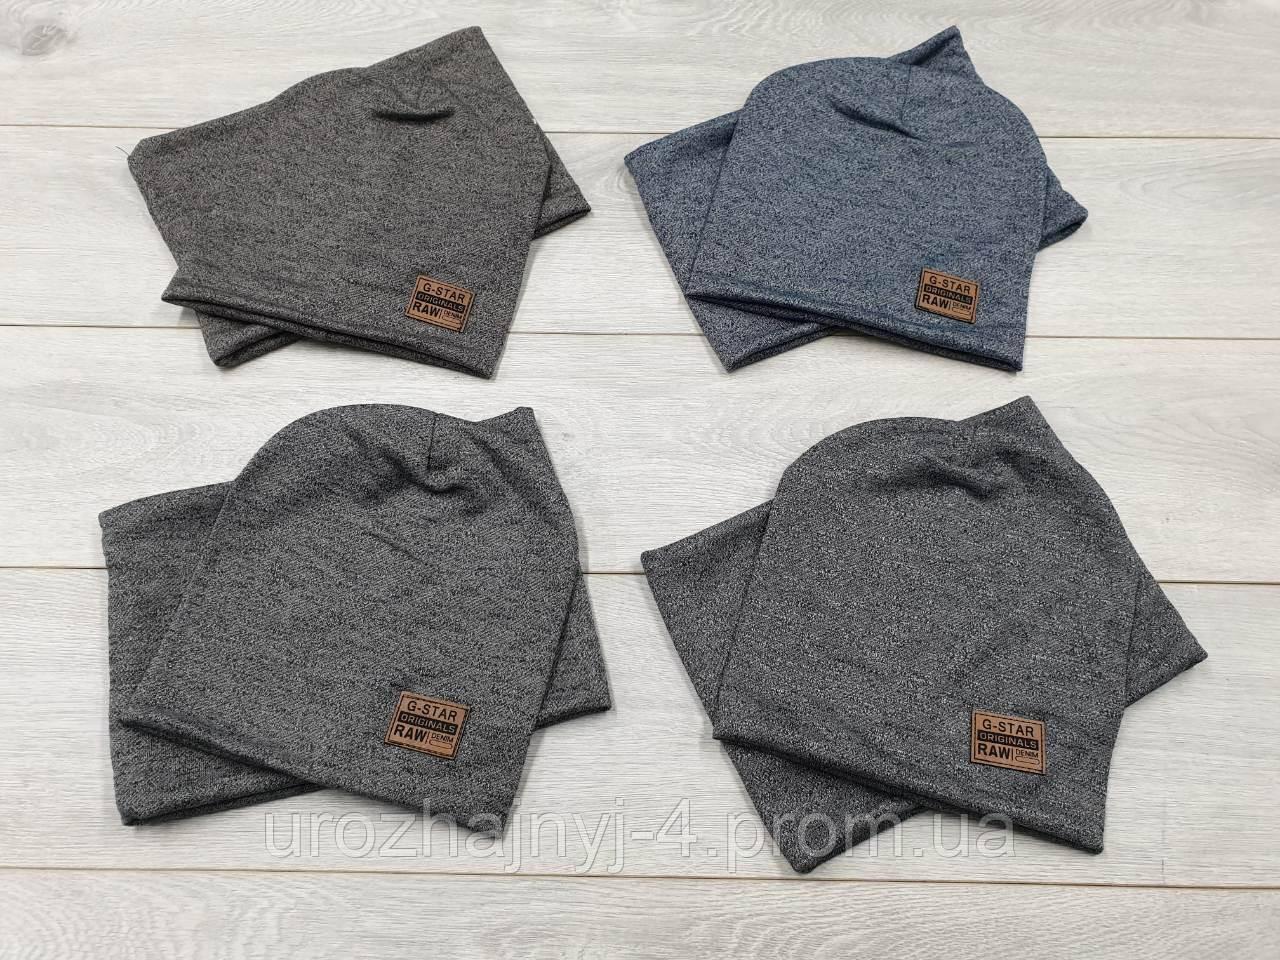 Комплект шапка и хомут р48-50 подкладка х/б 5 шт в упаковке.